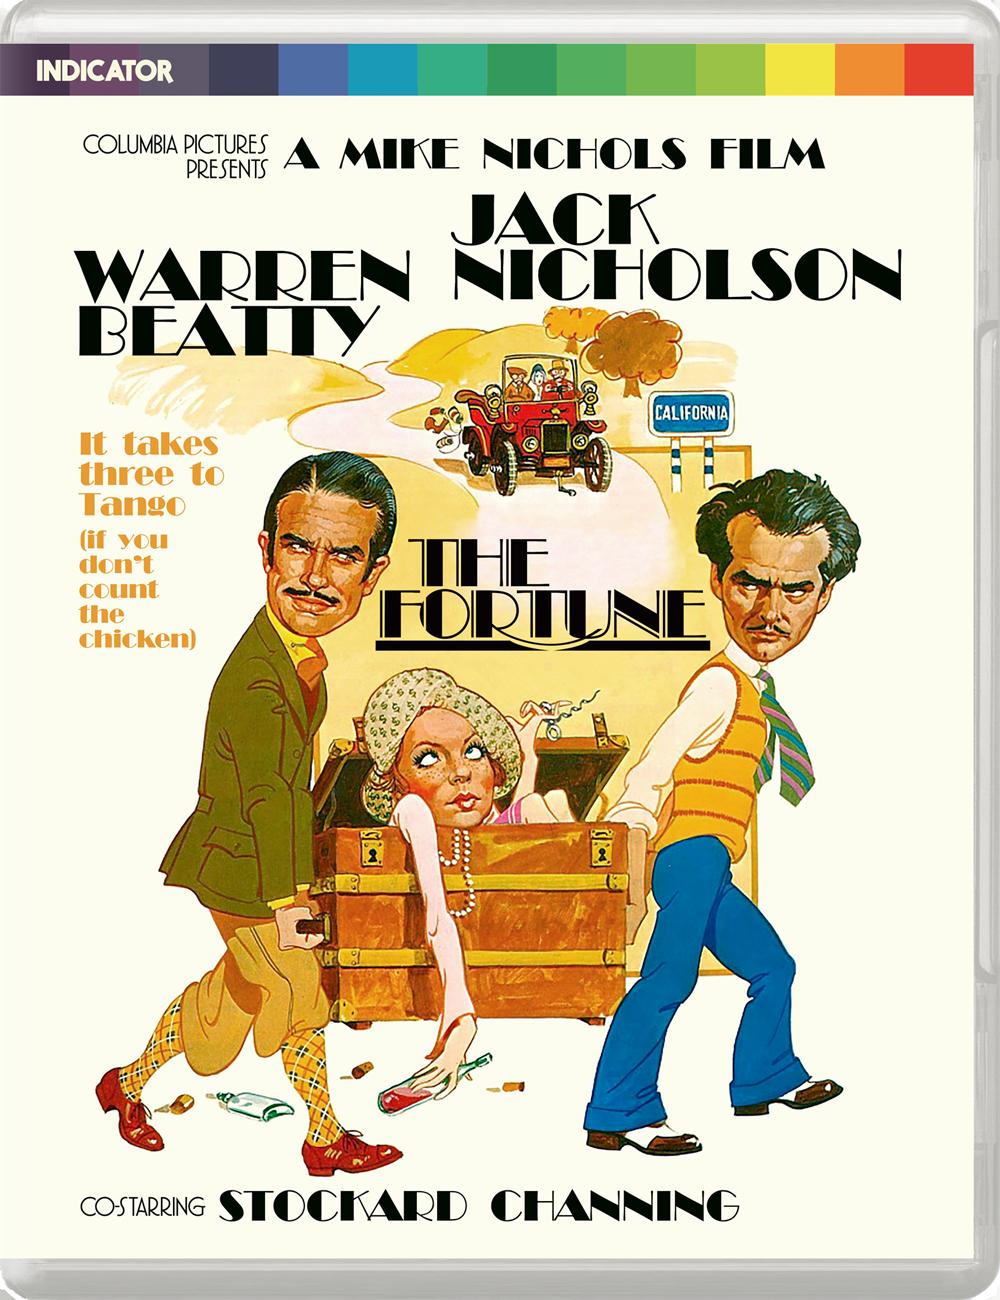 Indicator January 2018 Blu-ray Titles